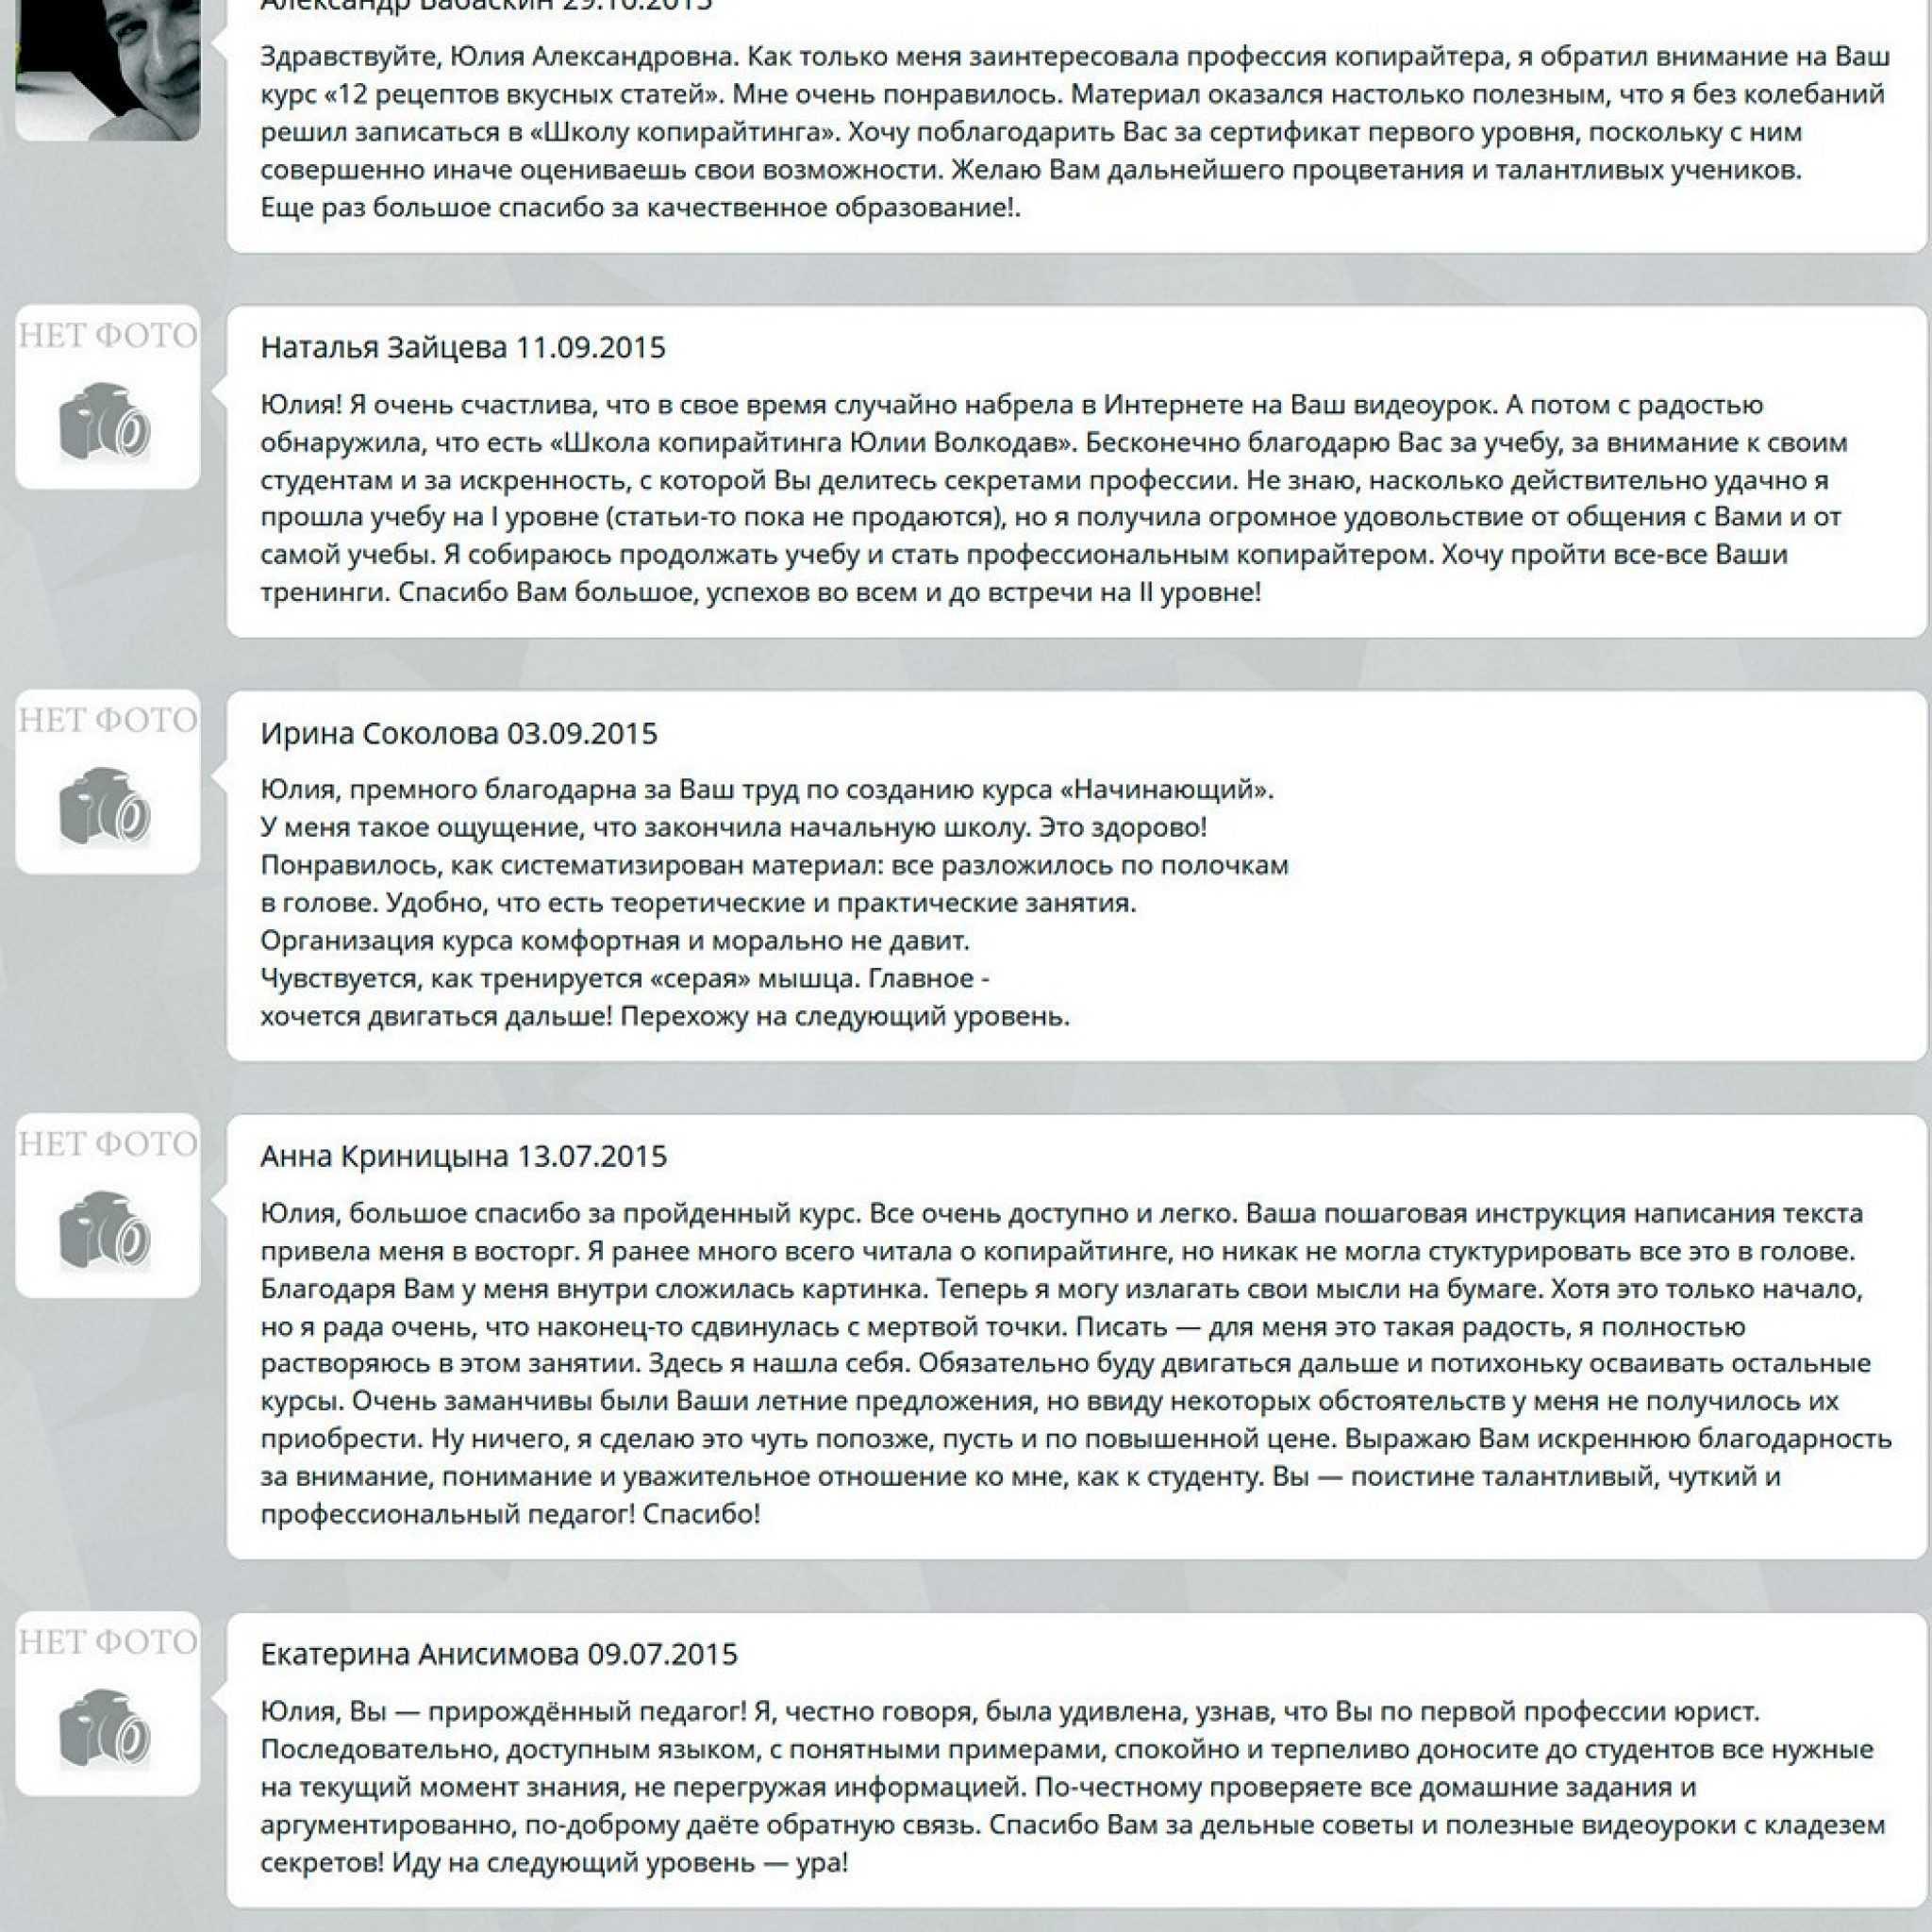 отзывы учеников о Школе копирайтинга Юли Волкодав